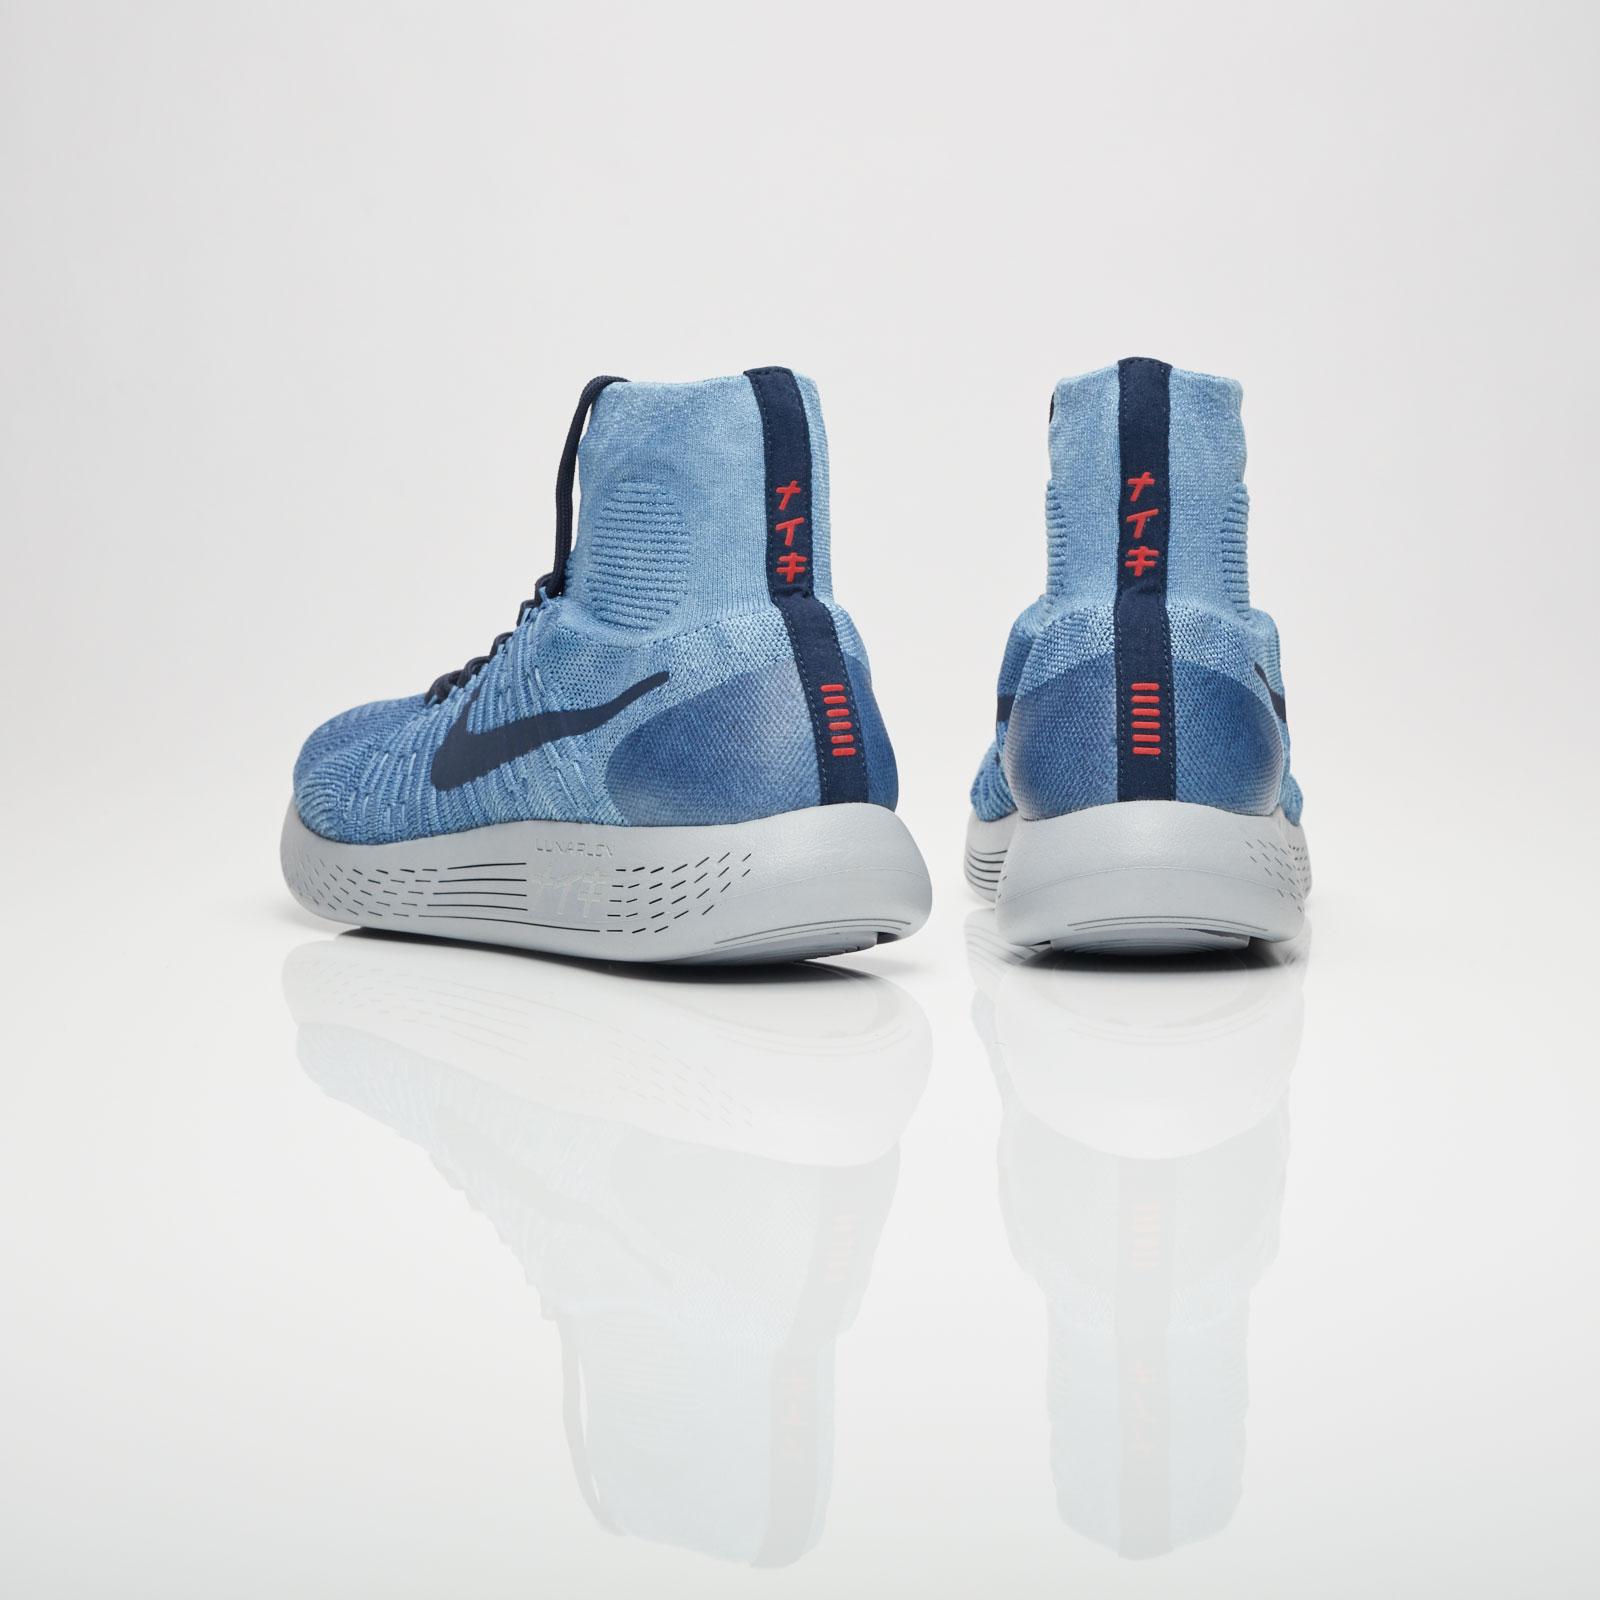 f28ed2e6e7214 Nike Lunarepic Flyknit - 940804-400 - Sneakersnstuff